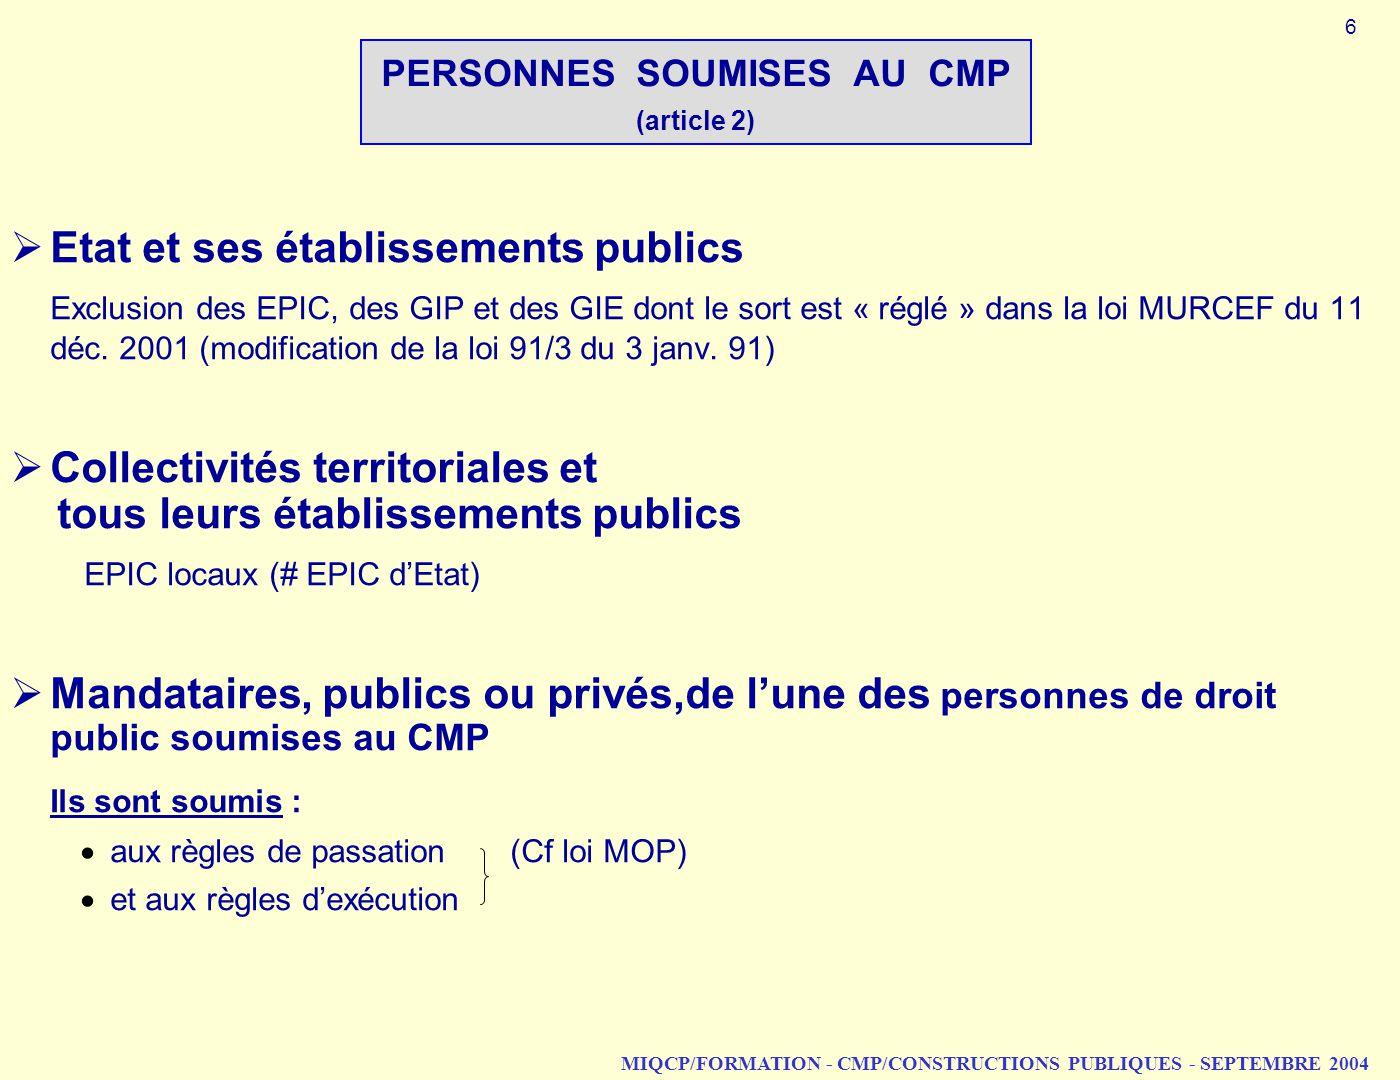 MIQCP/FORMATION - CMP/CONSTRUCTIONS PUBLIQUES - SEPTEMBRE 2004 PERSONNES SOUMISES AU CMP (article 2) Etat et ses établissements publics Exclusion des